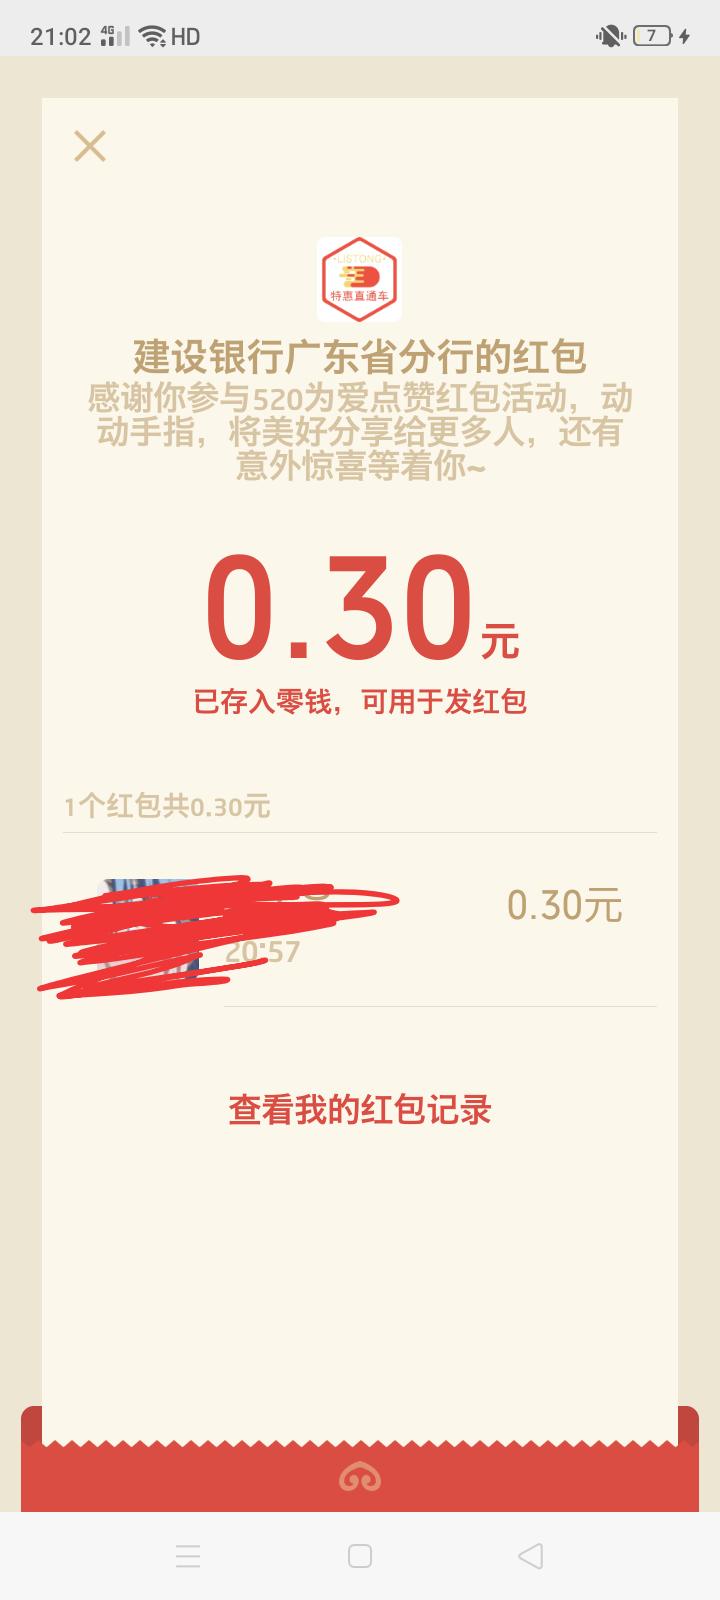 520白衣天使点赞得0.3元微信红包  第4张